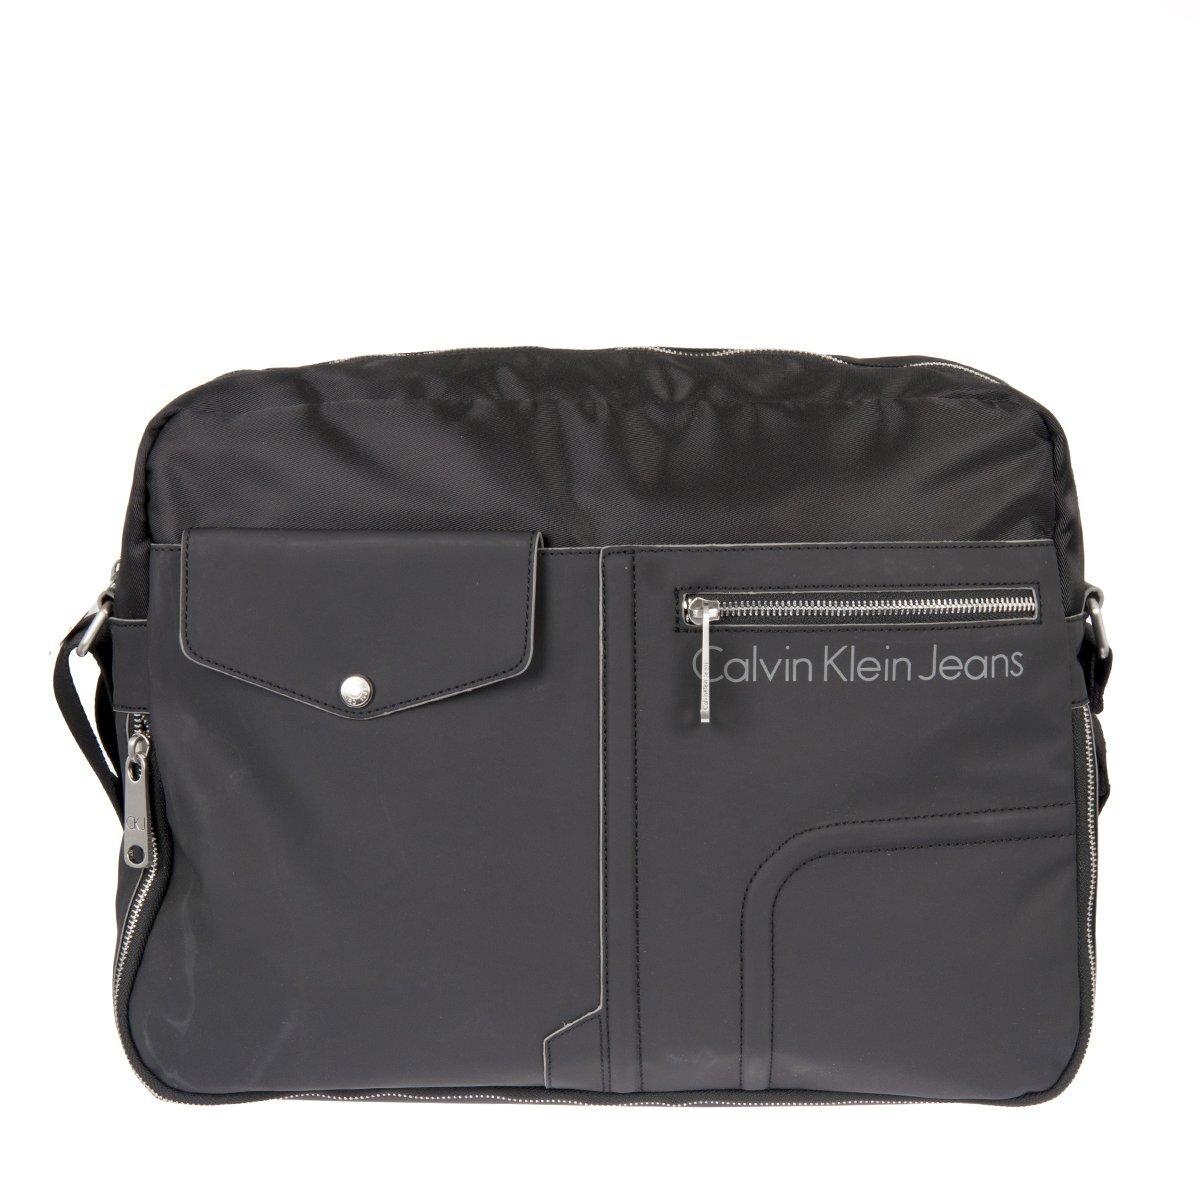 46fc9032e7 Pánská antracitová městská taška Calvin Klein Jeans